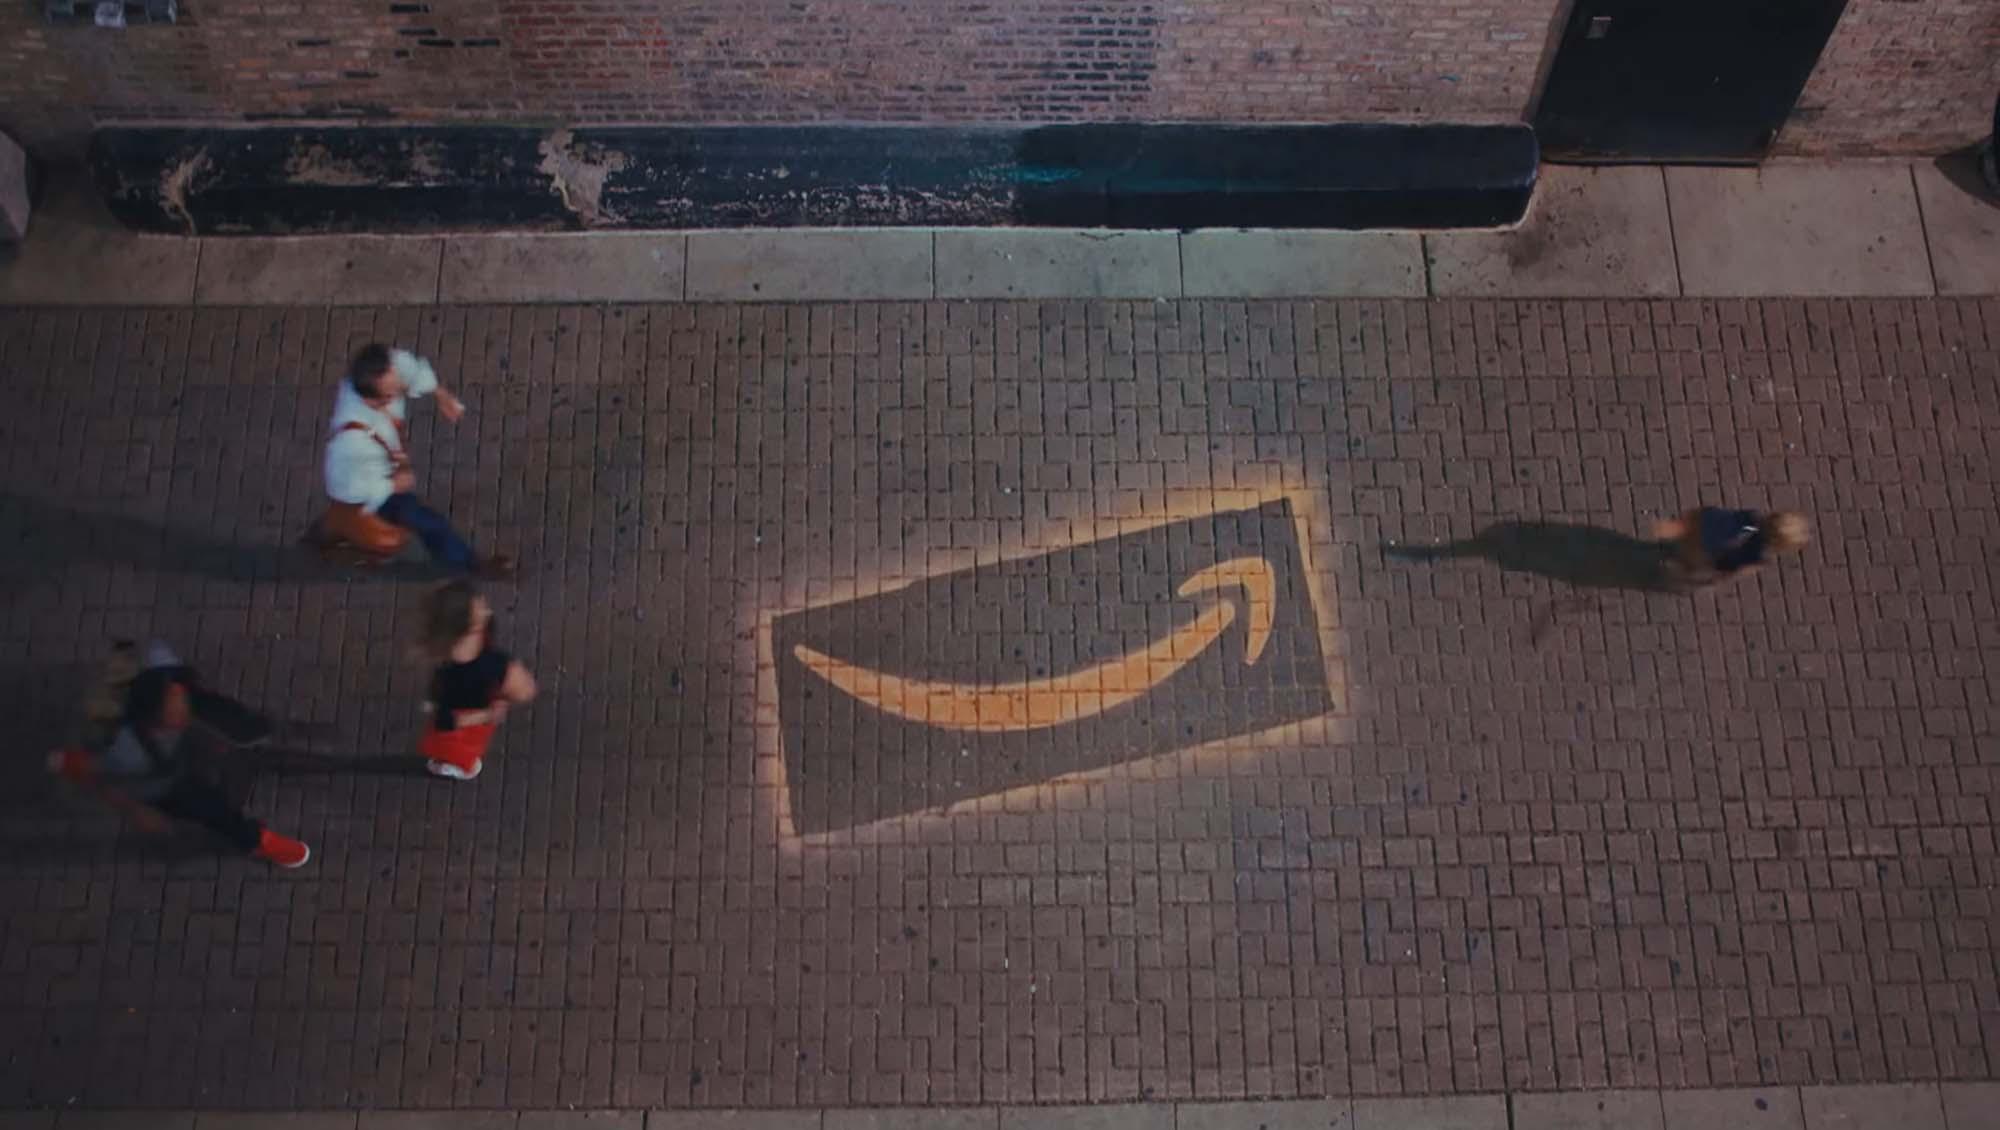 En somme mªme avec des exclusivités et des algorithmes magiques la concurrence doit payer le prix de l entªtement d Amazon qui est prªt  perdre de